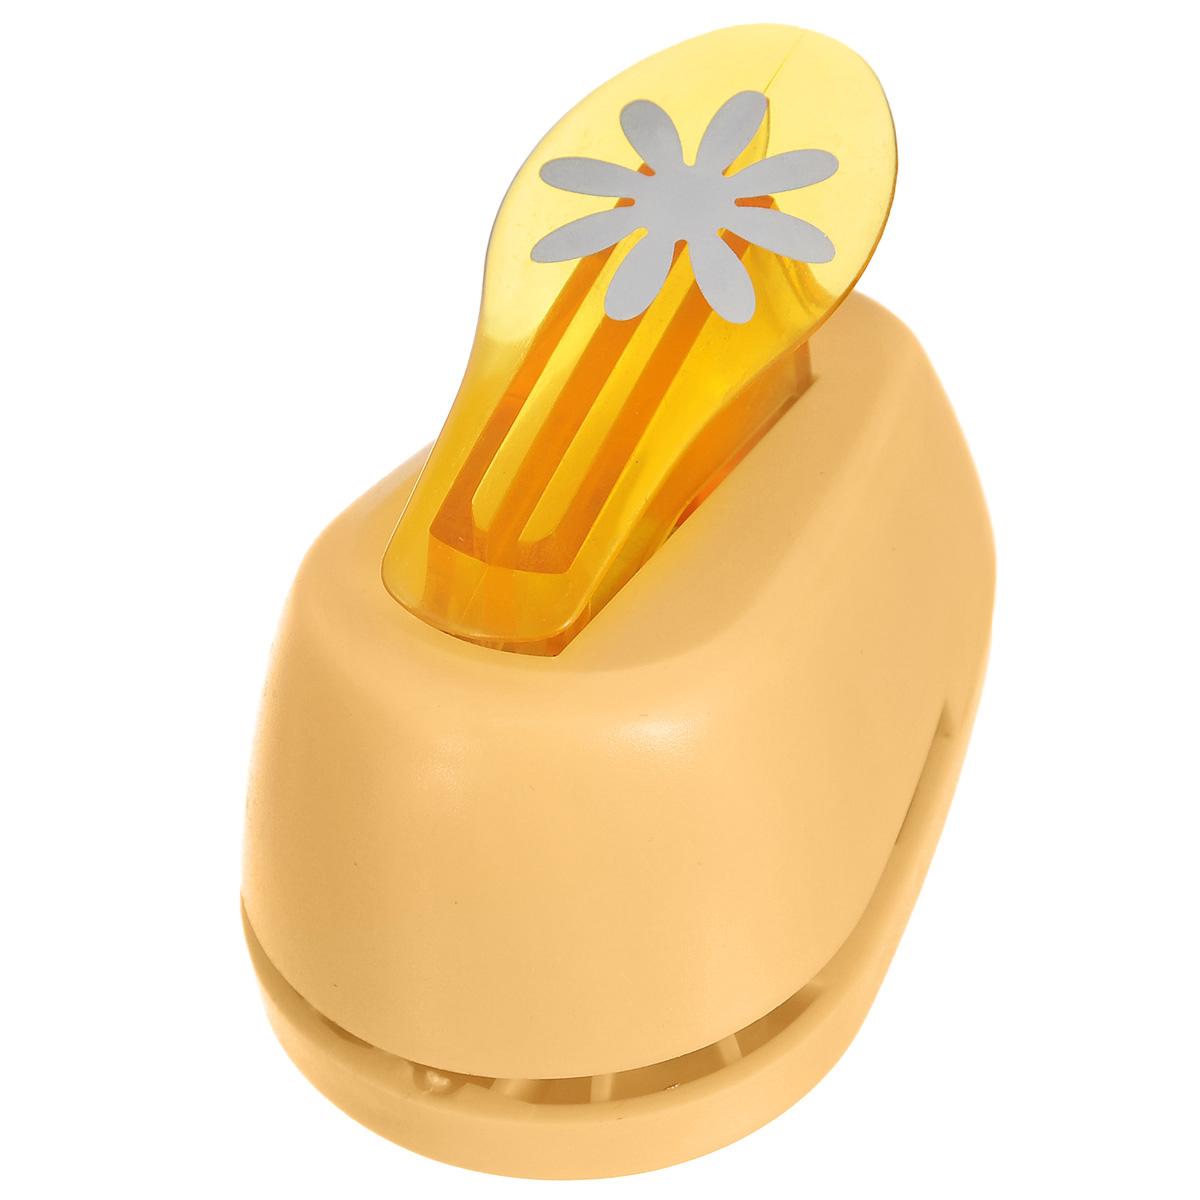 Дырокол фигурный Hobbyboom Маргаритка, №2, цвет: оранжевый, 2,5 смCD-99M-002Фигурный дырокол Hobbyboom Маргаритка изготовлен из пластика и металла, используется в скрапбукинге для создания оригинальных открыток и фотоальбомов ручной работы, оформления подарков, в бумажном творчестве и т.д. Рисунок прорези указан на ручке дырокола. Дырокол предназначен для прорезания фигурных отверстий в бумаге. Просто вставьте лист бумаги в дырокол. Нажмите на рычаг. На листе получится прорезь в виде красивого цветочка. Предназначен для бумаги определенной плотности - 80 - 200 г/м2. При применении на бумаге большей плотности или на картоне, дырокол быстро затупится. Материал: пластик, металл. Размер дырокола: 8 см х 5 см х 5,5 см. Диаметр готовой фигурки: 2,5 см. Фигурный дырокол Hobbyboom Маргаритка изготовлен из пластика и металла, используется в скрапбукинге для создания оригинальных открыток и фотоальбомов ручной работы, оформления подарков, в бумажном творчестве и т.д. Рисунок прорези указан на ручке дырокола. Дырокол...